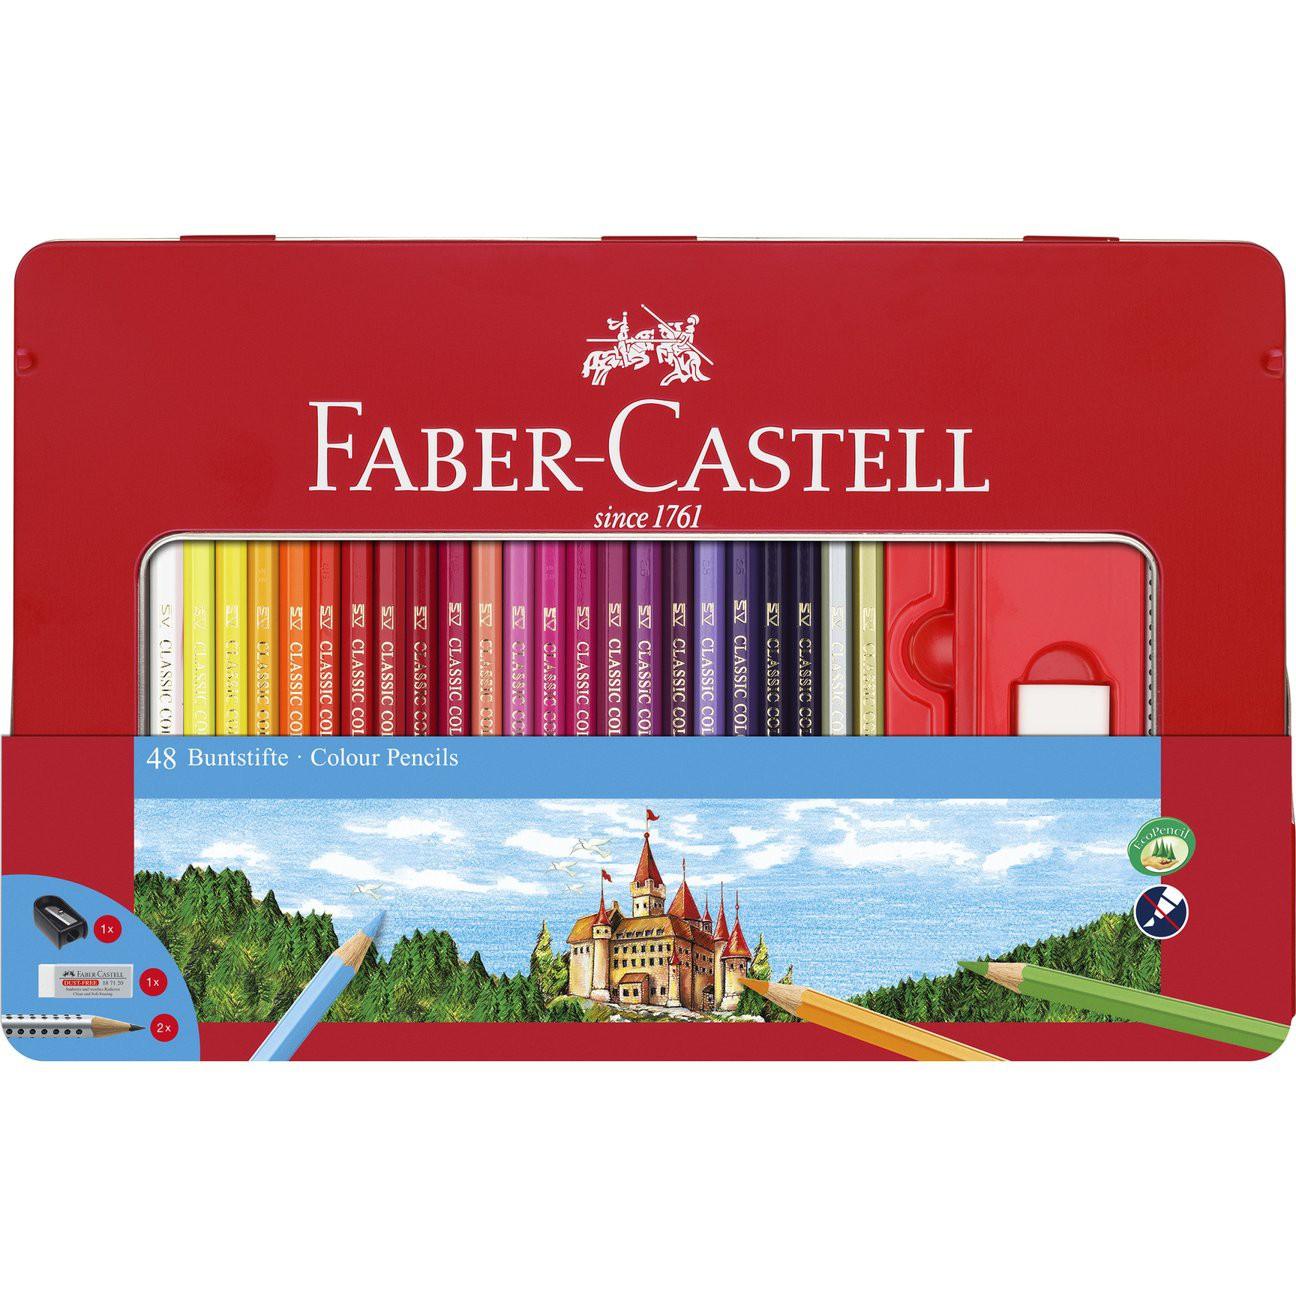 48 Classic Color Pencils & Accessories - Tin Set